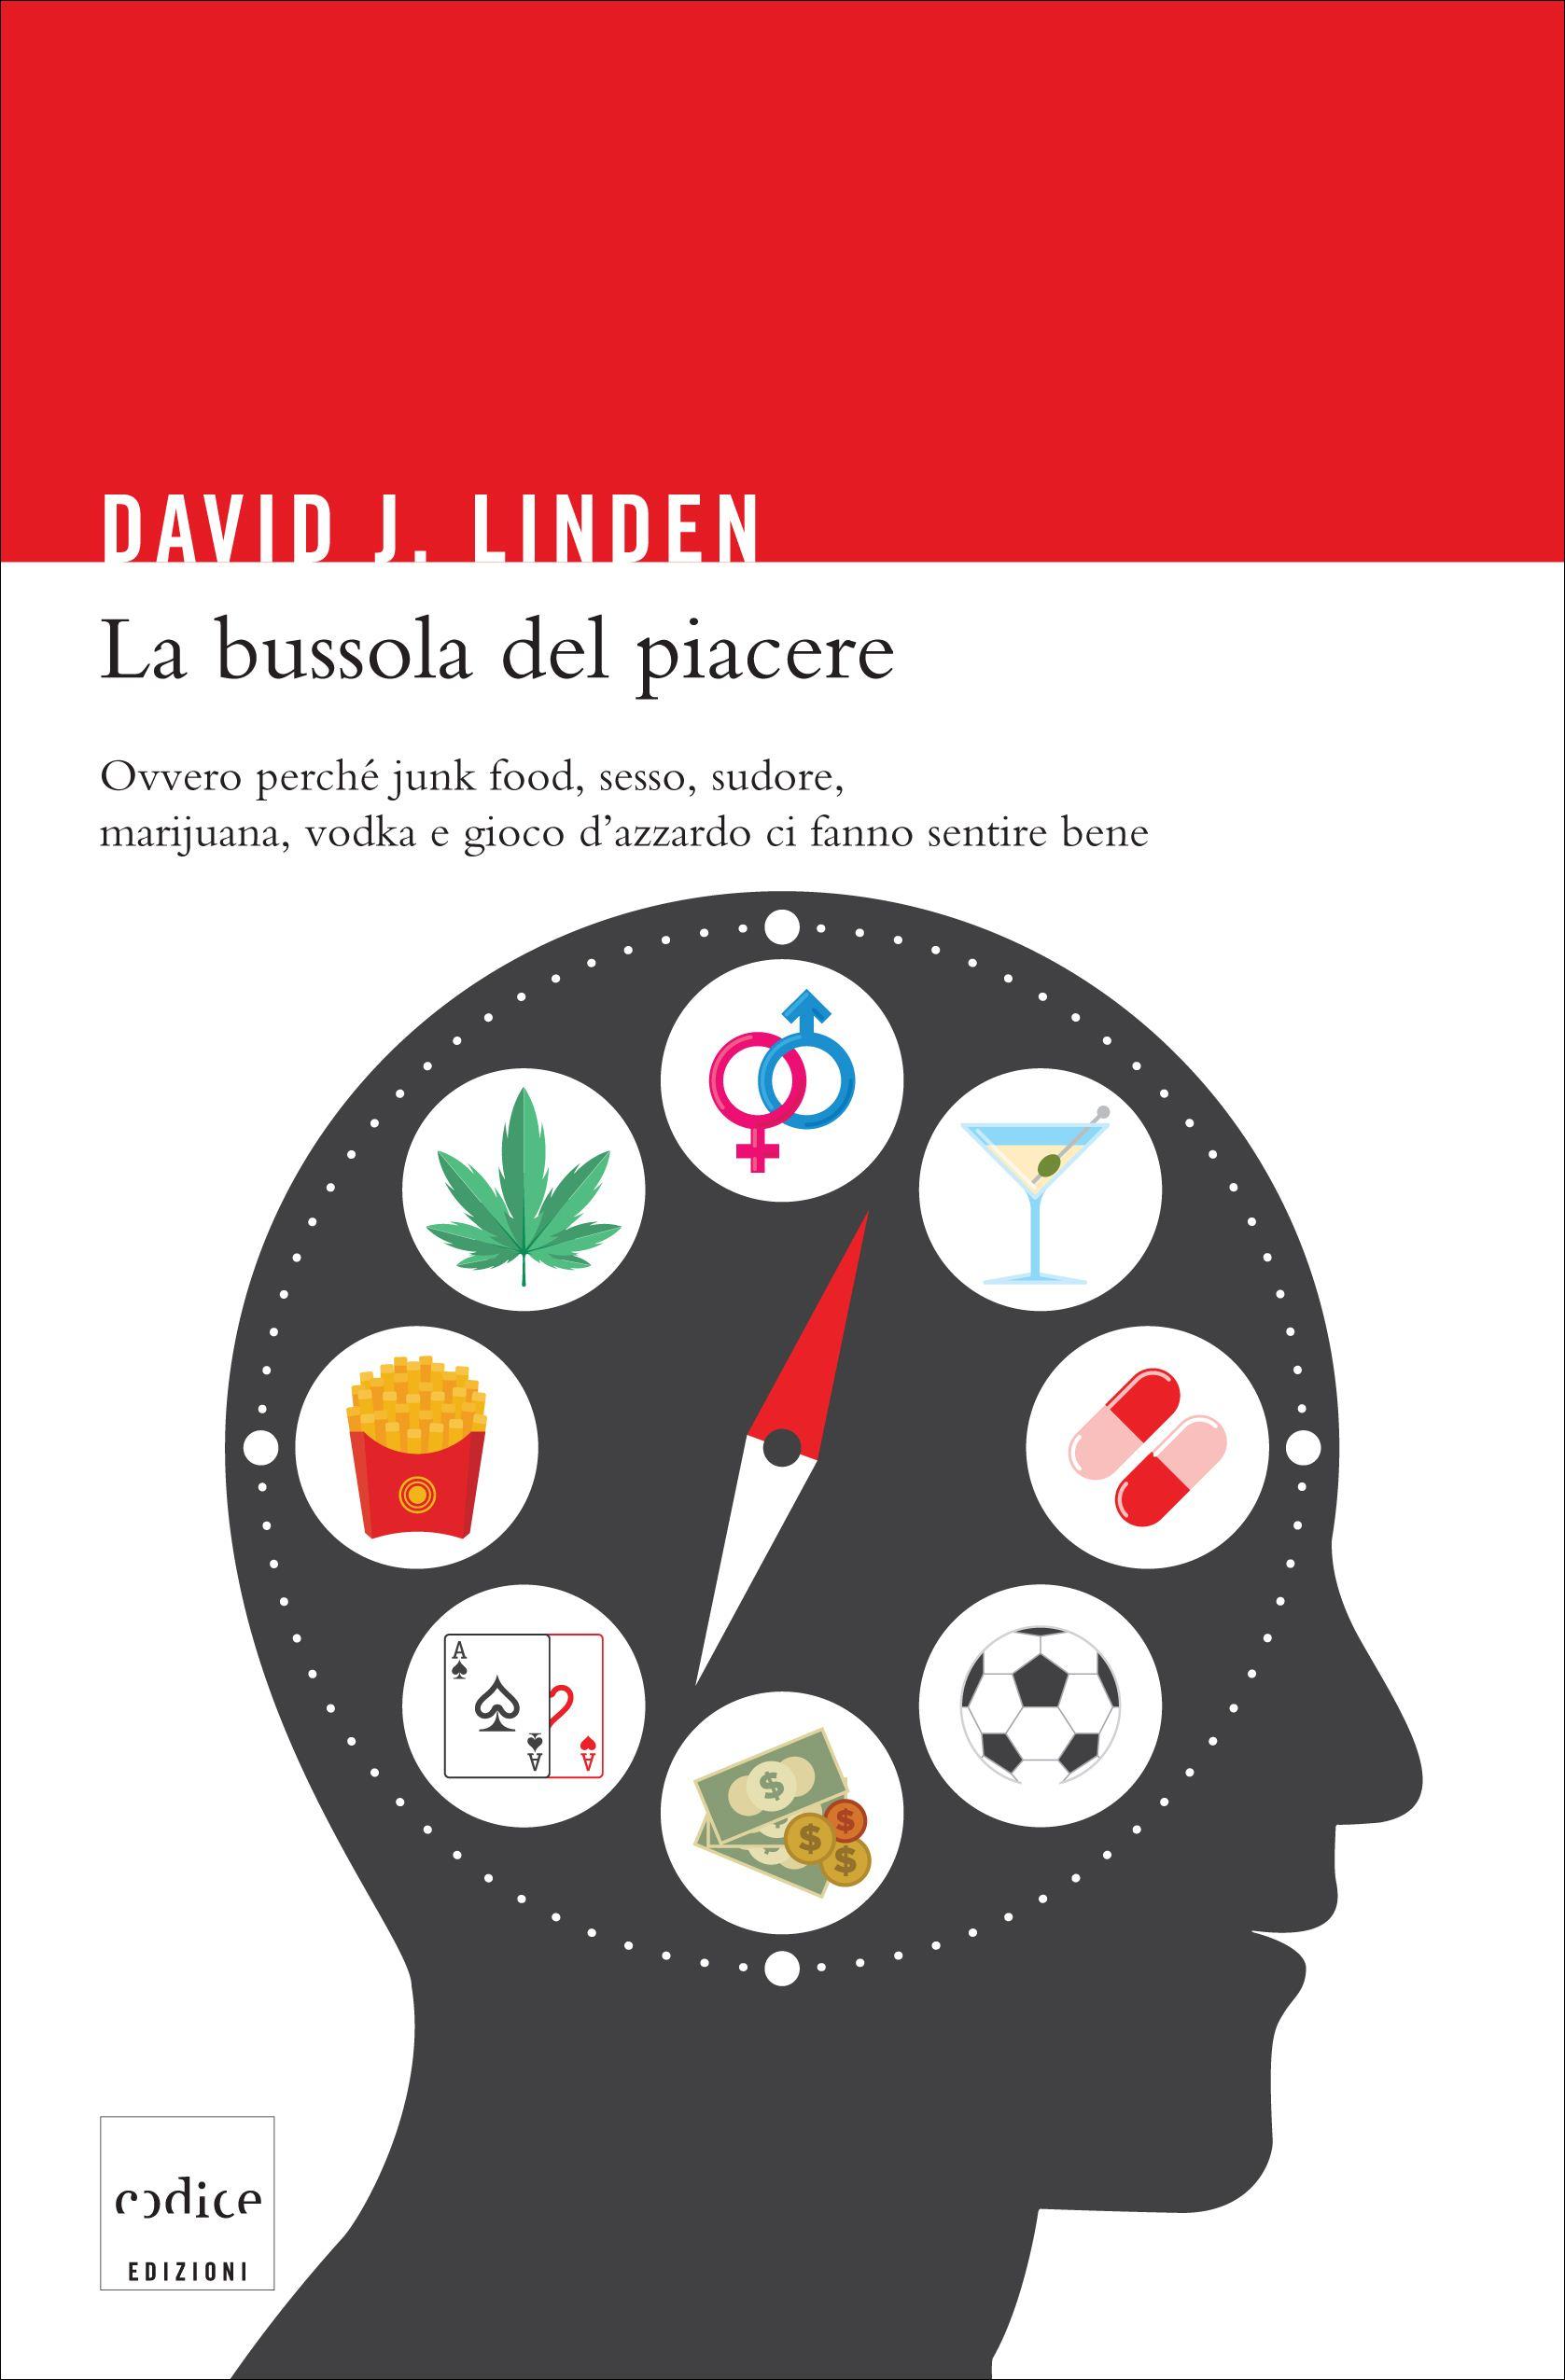 David Linden - La bussola del piacere